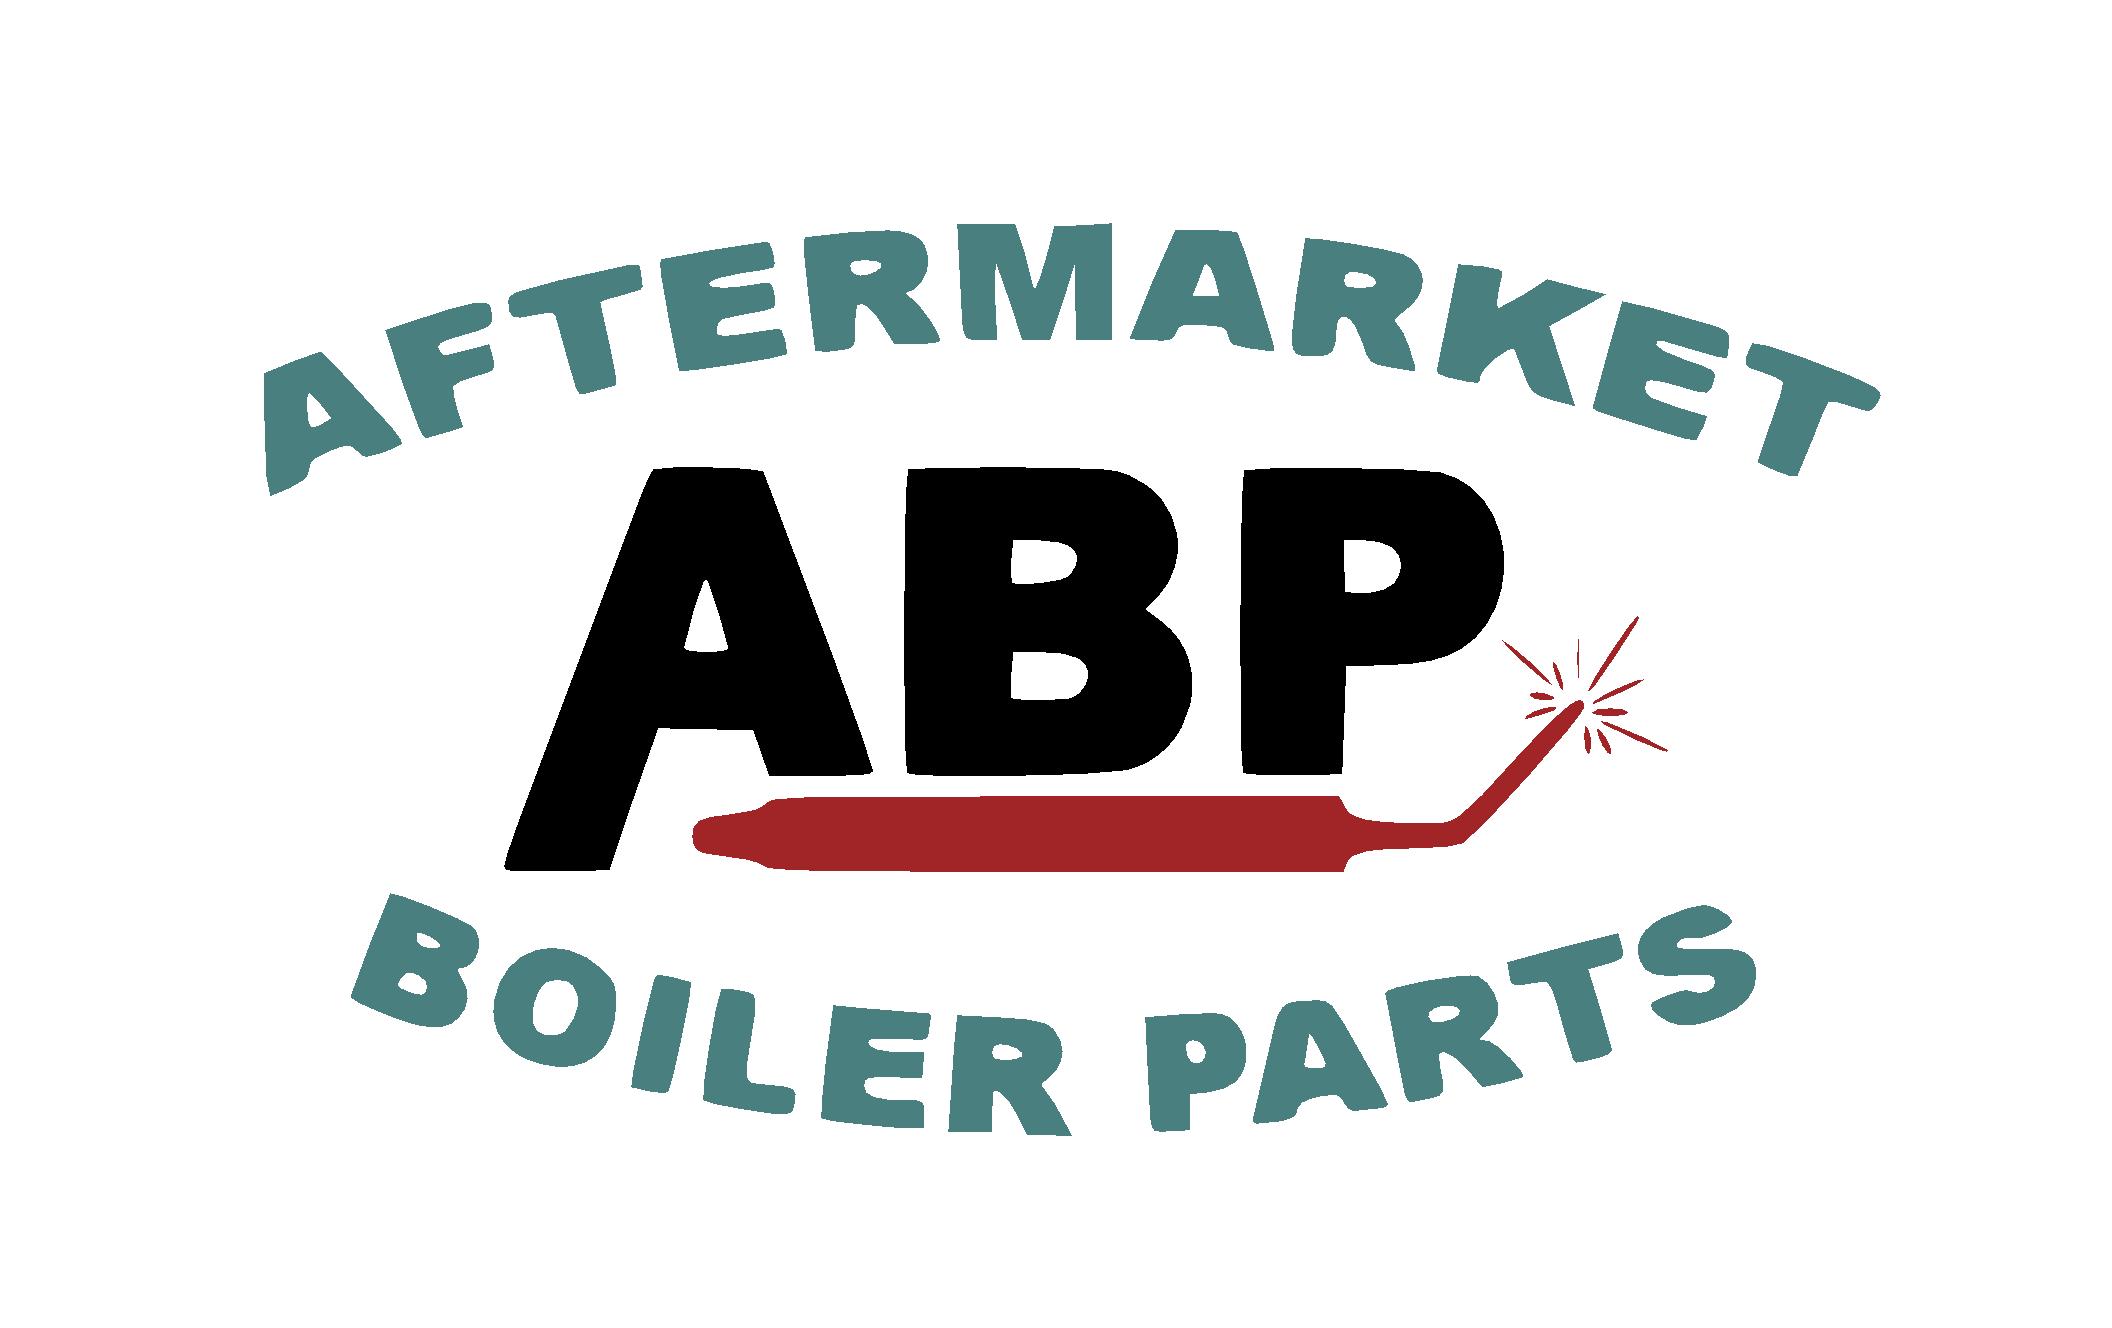 AfterMarket Boiler Parts - After Market Parts for Cleaver Brooks Boilers